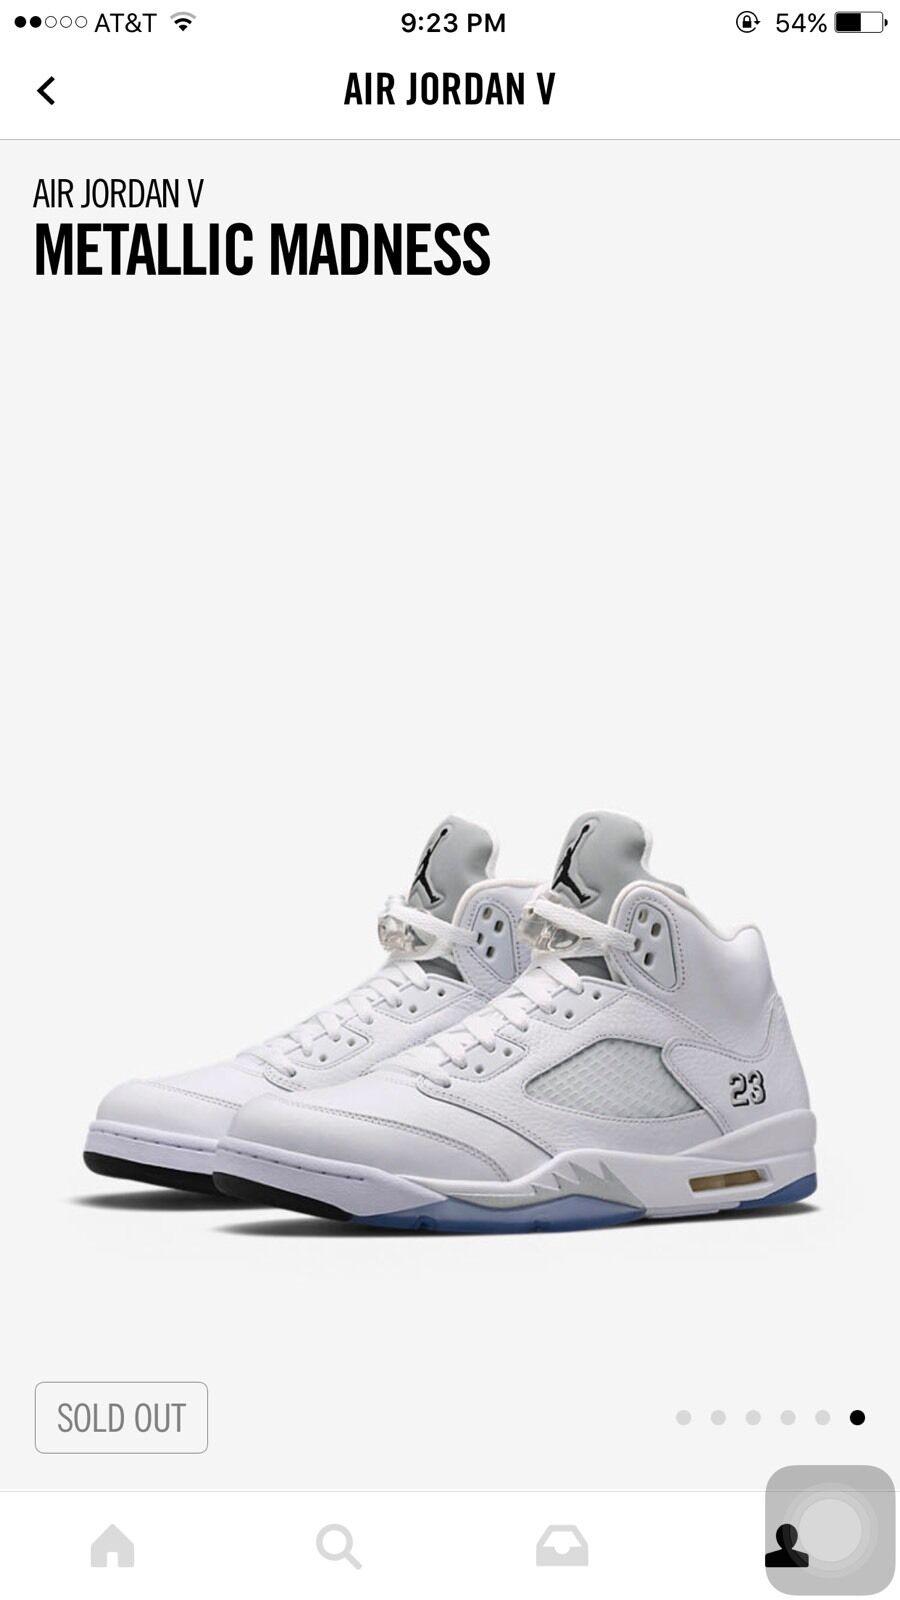 Air Jordan 5 white Metallic